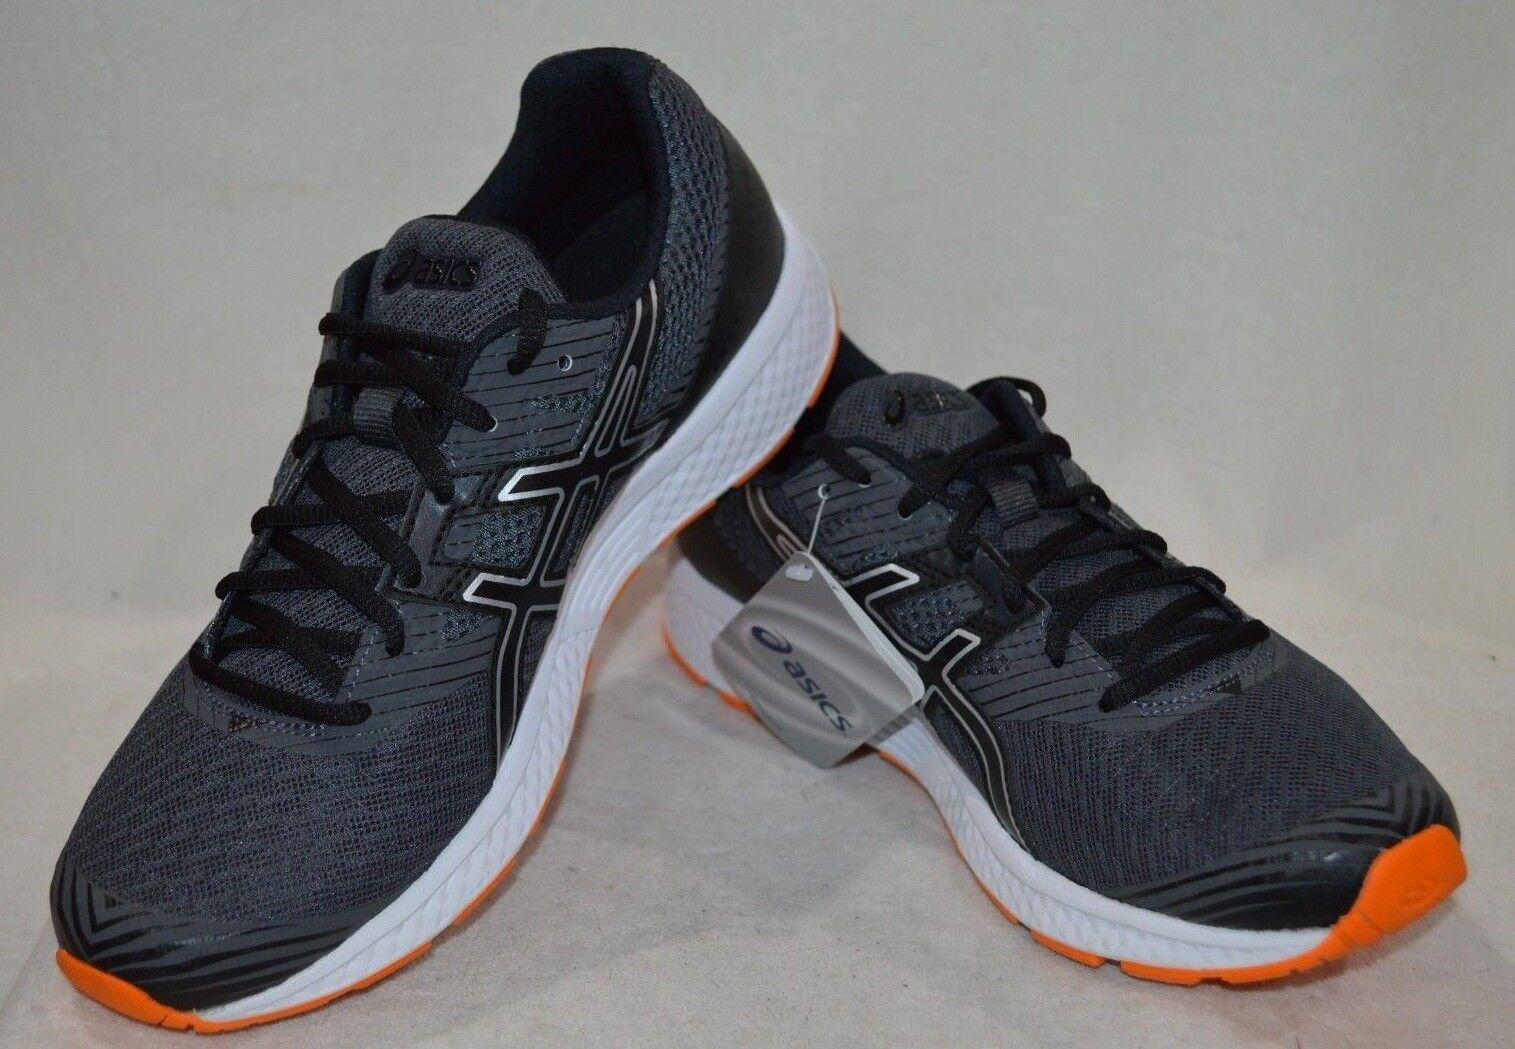 Le gel-1 grigio scuro / nero nero / / orange uomini scarpe da corsa t71aq misura 8,5 / 9 / 10,5 nwb 87482d